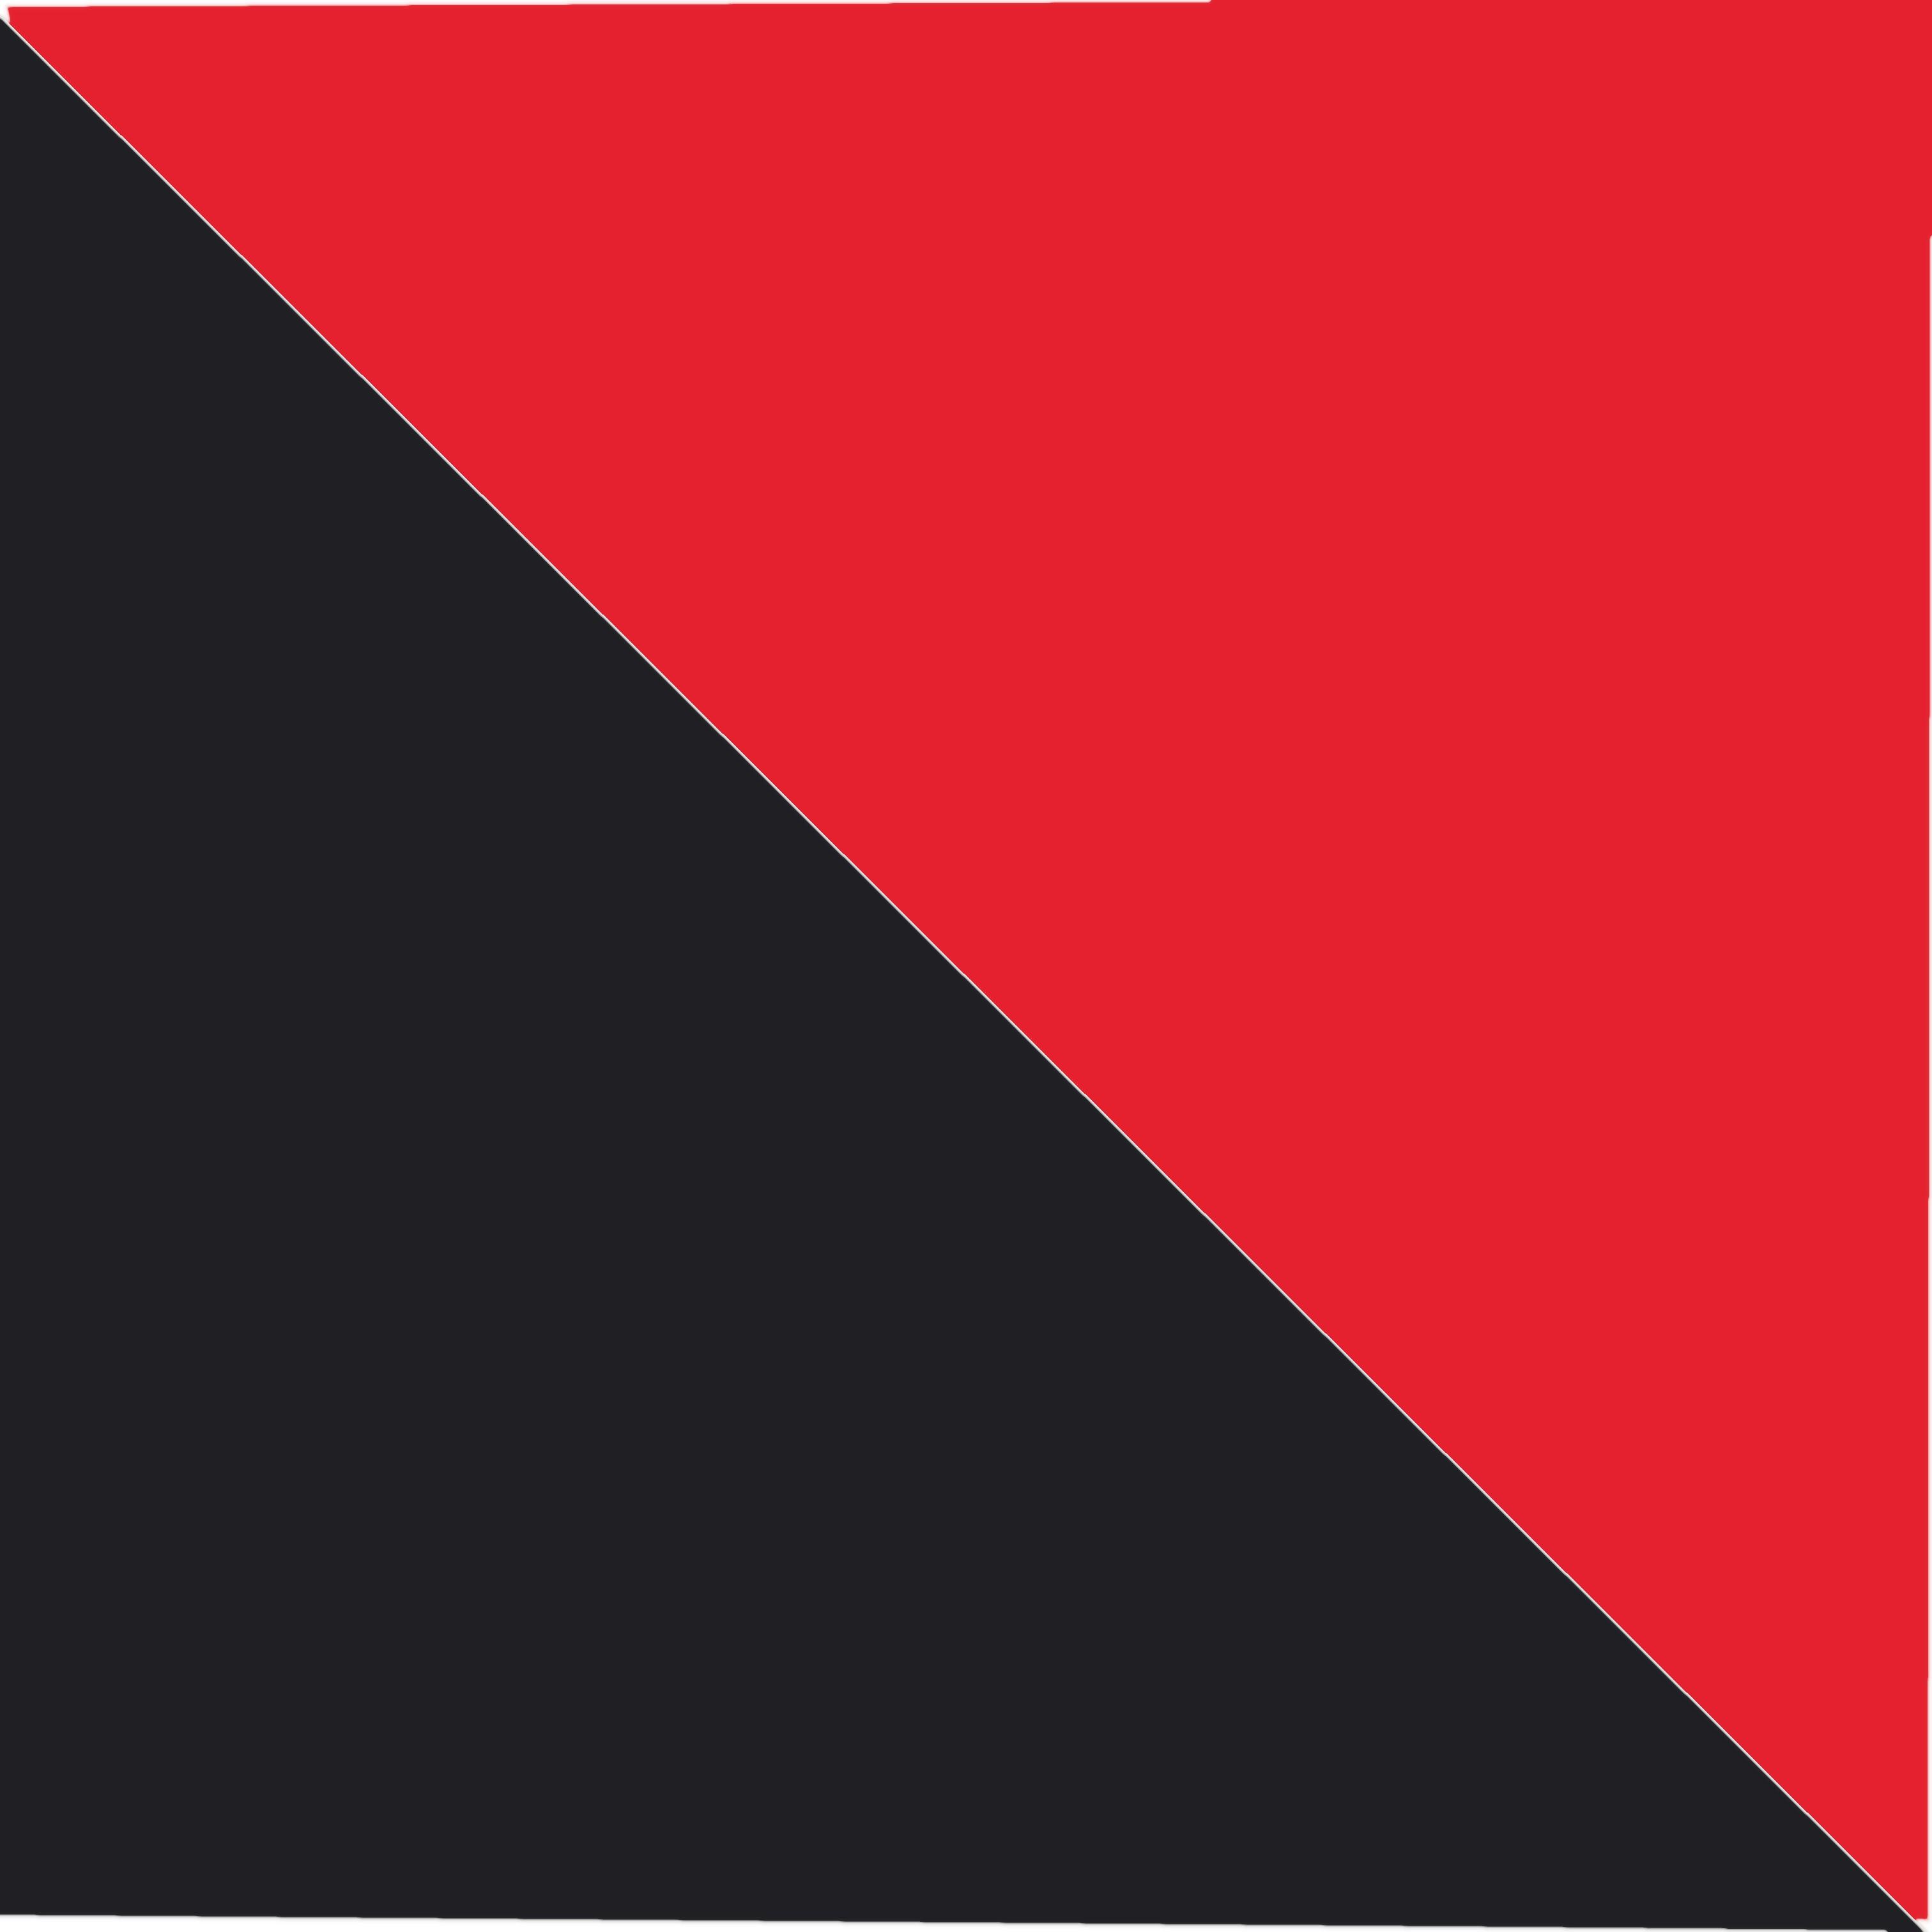 Černé s červeným proužkem